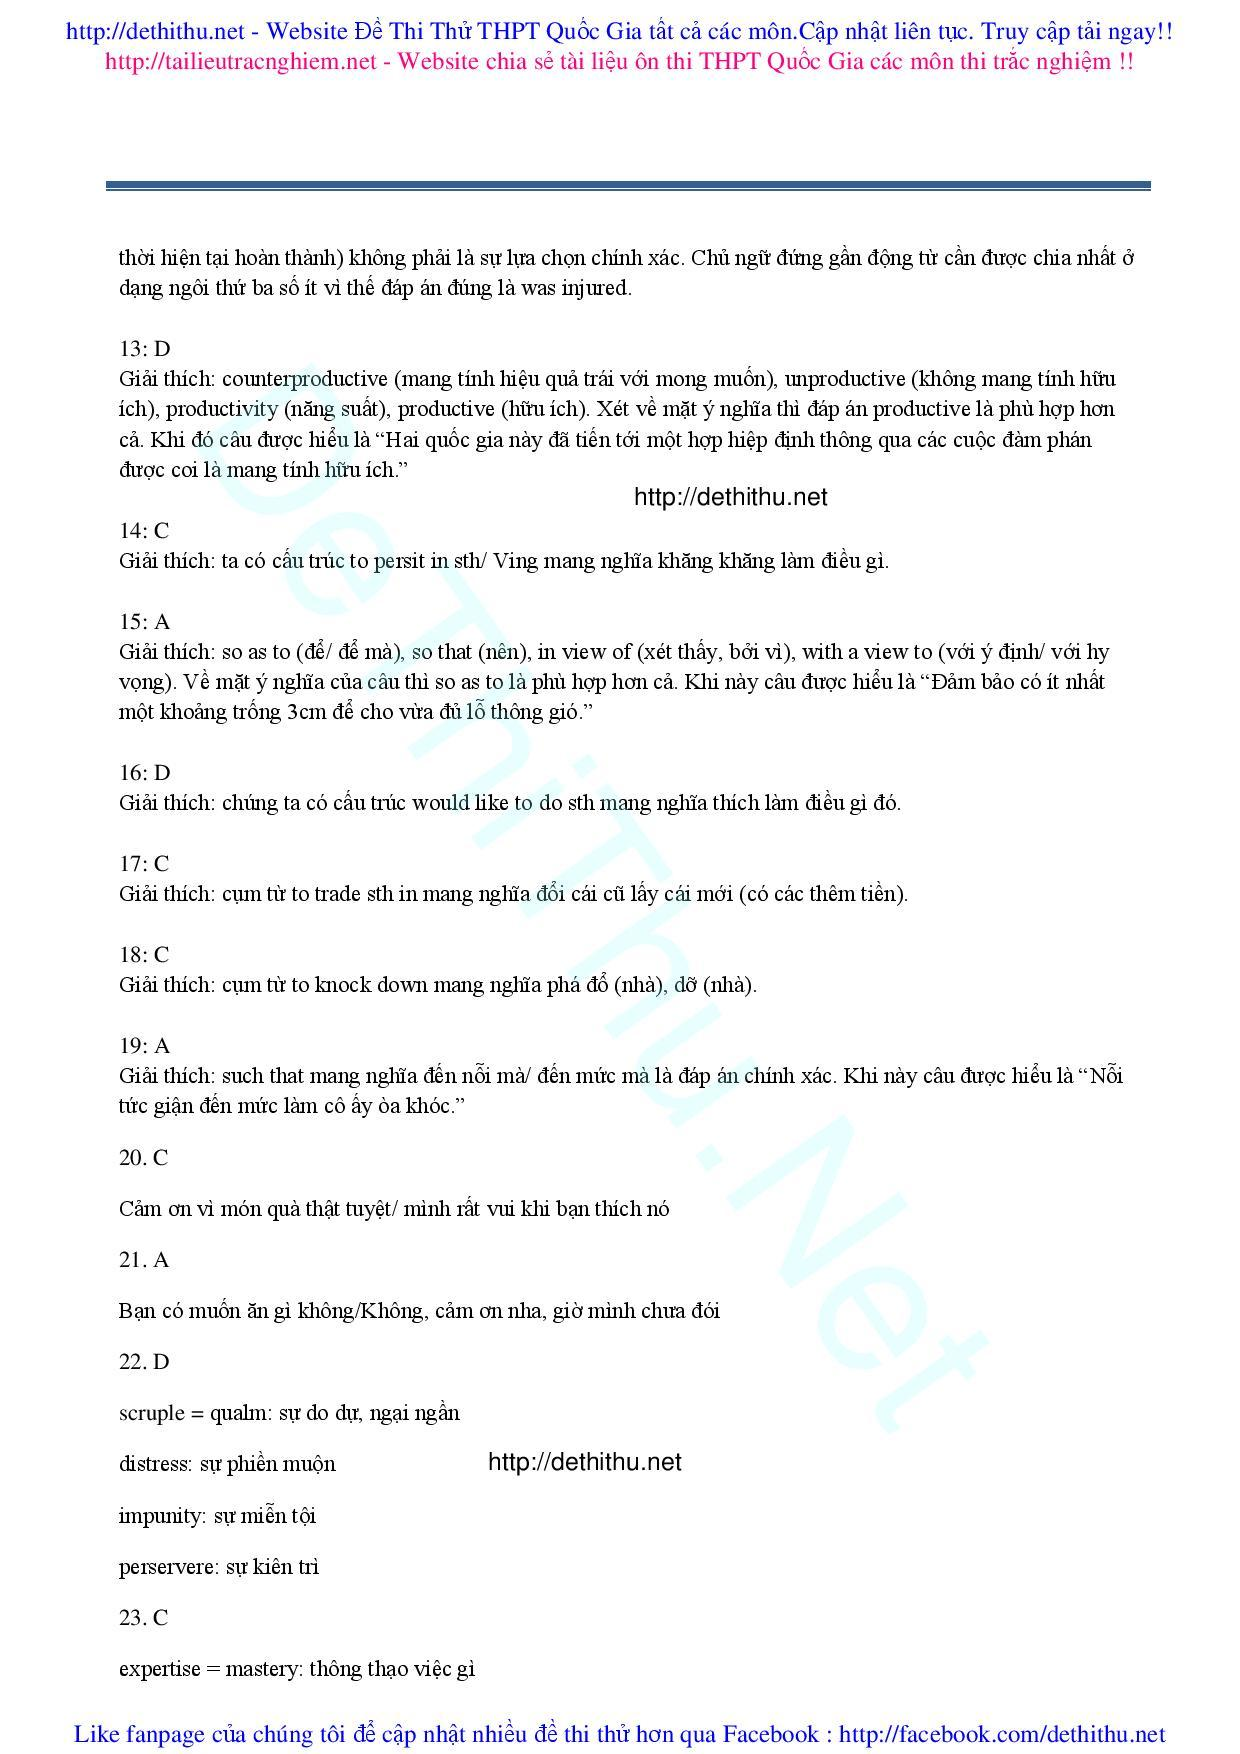 Đề Thi Thử Tiếng Anh THPT Quốc Gia 2017 ĐỀ THI THỬ TIẾNG ANH ĐỀ THI THỬ MÔN ANH  de thi thu dai hoc tieng anh  Đề thi thử tiếng Anh 2017 đáp án giải chi tiết số 14 cô Phan Điệu